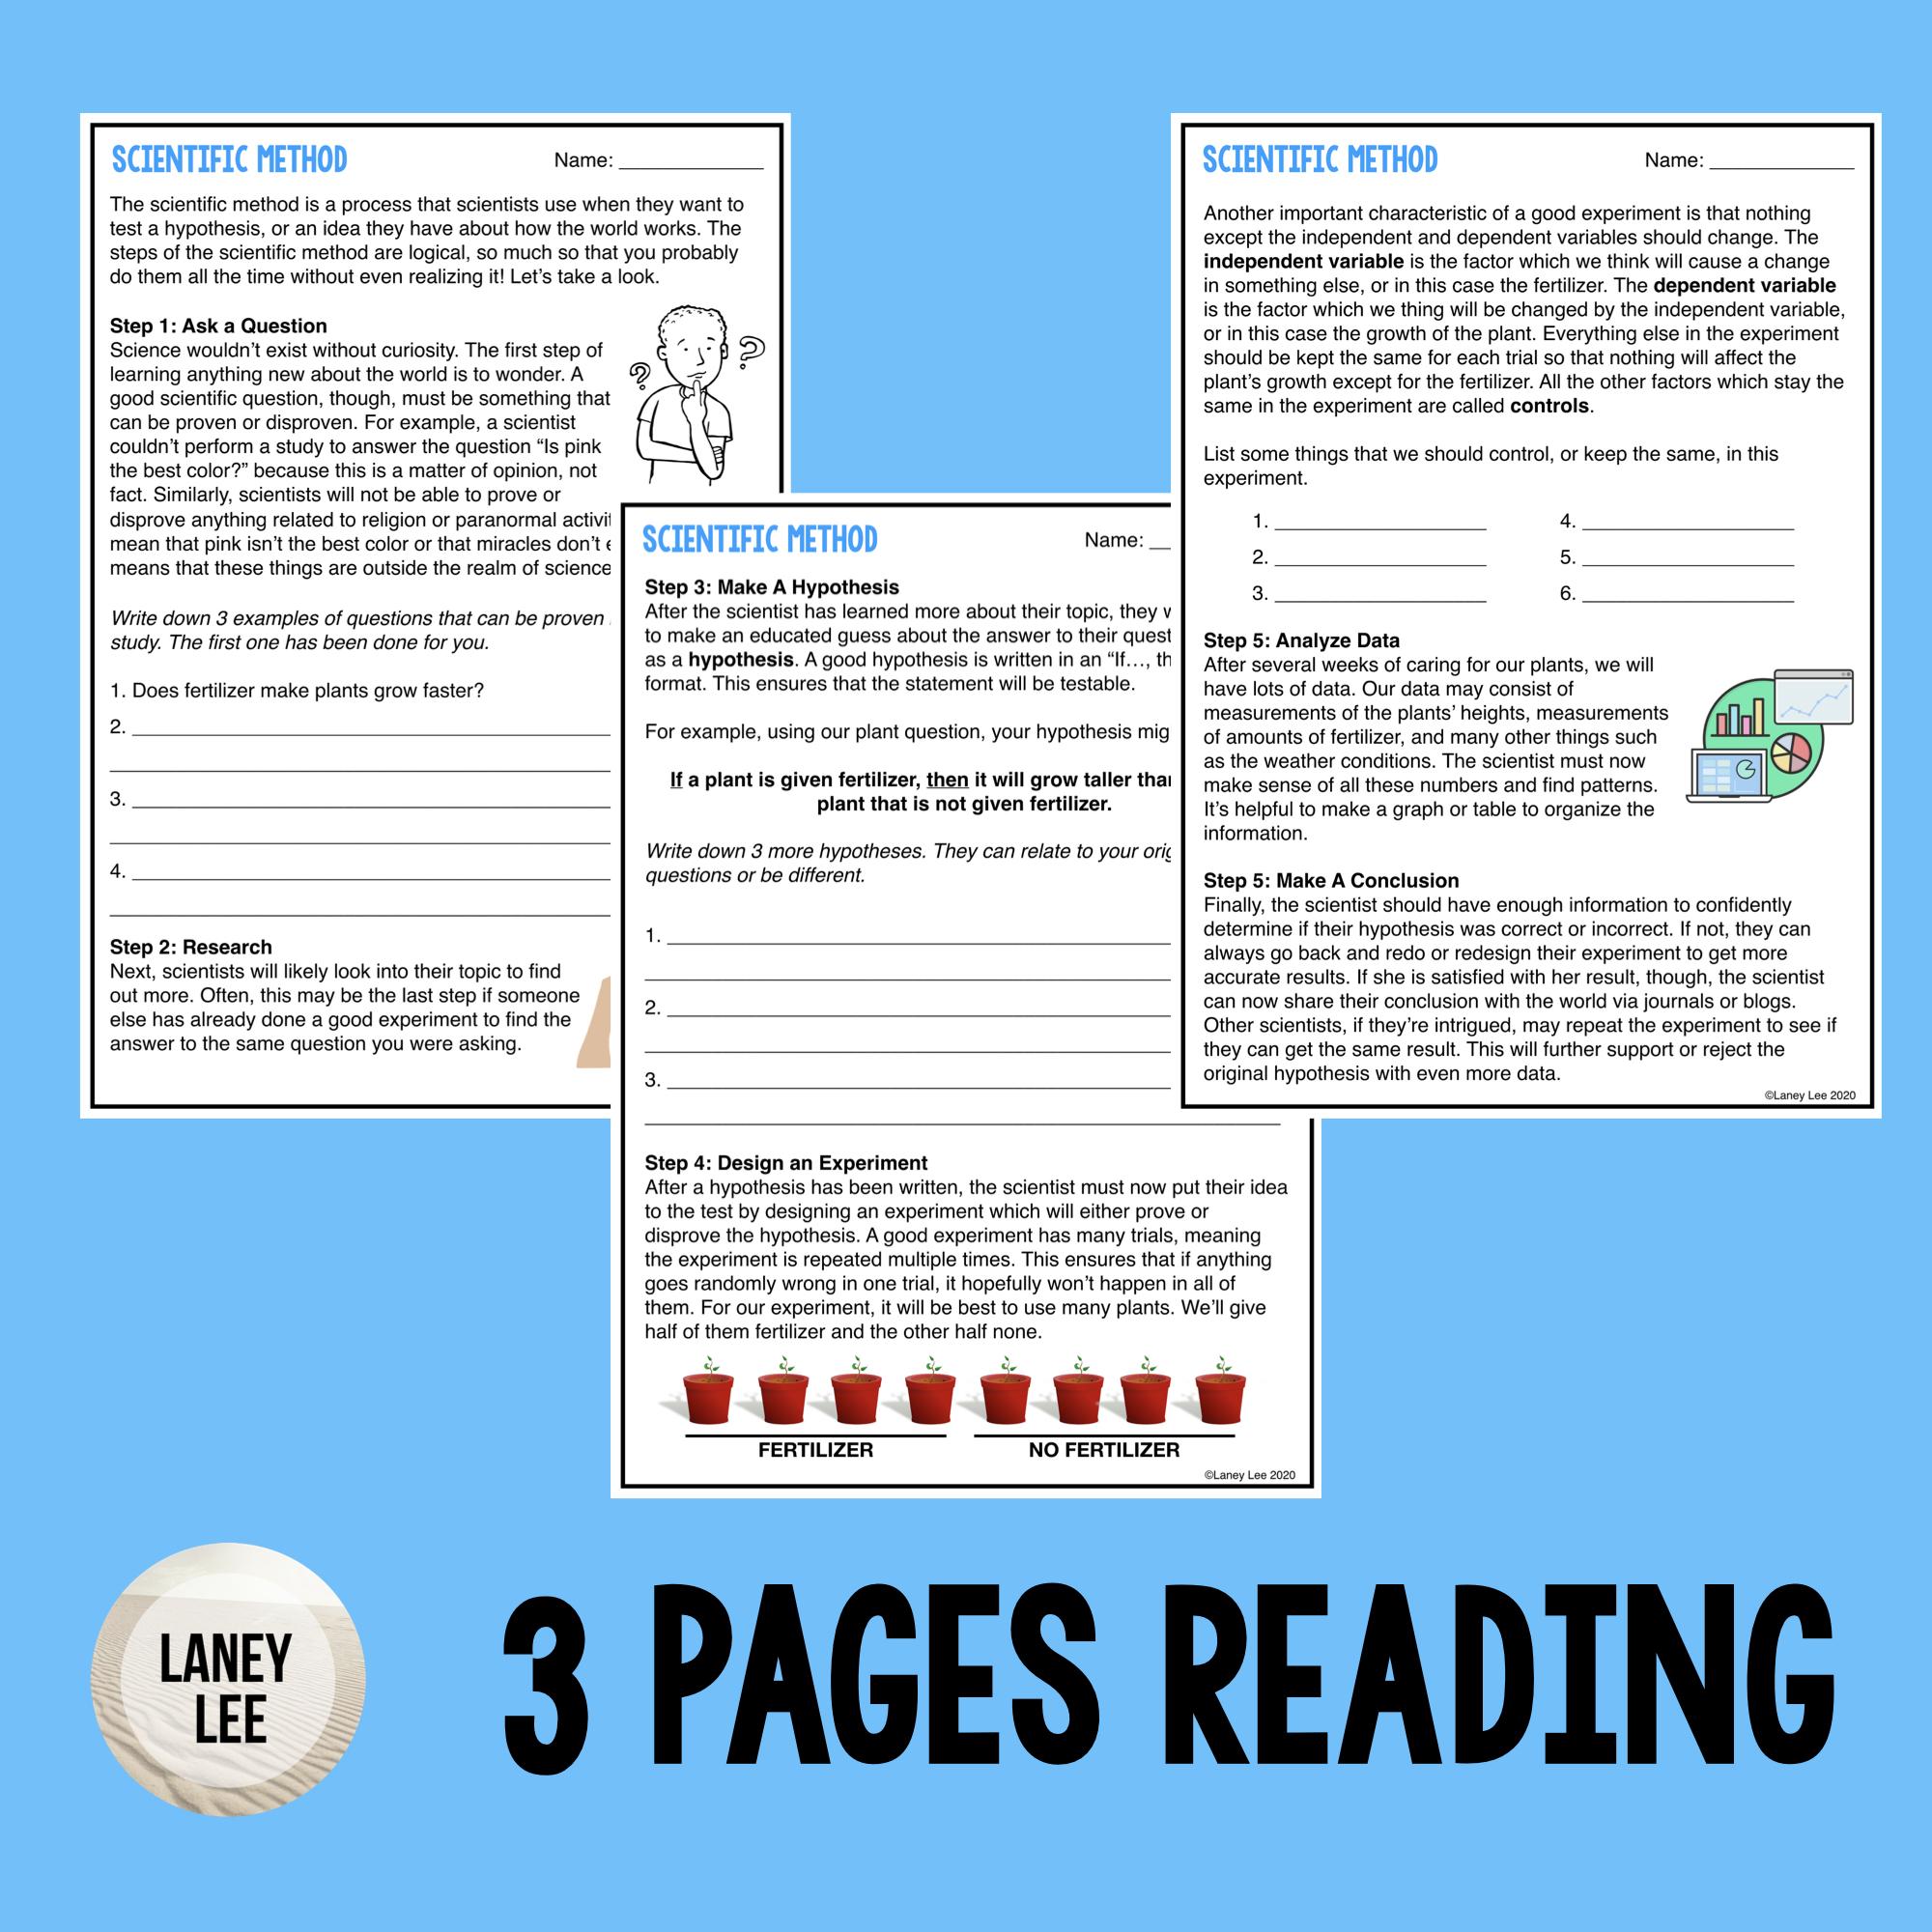 Scientific Method Guided Reading Worksheet